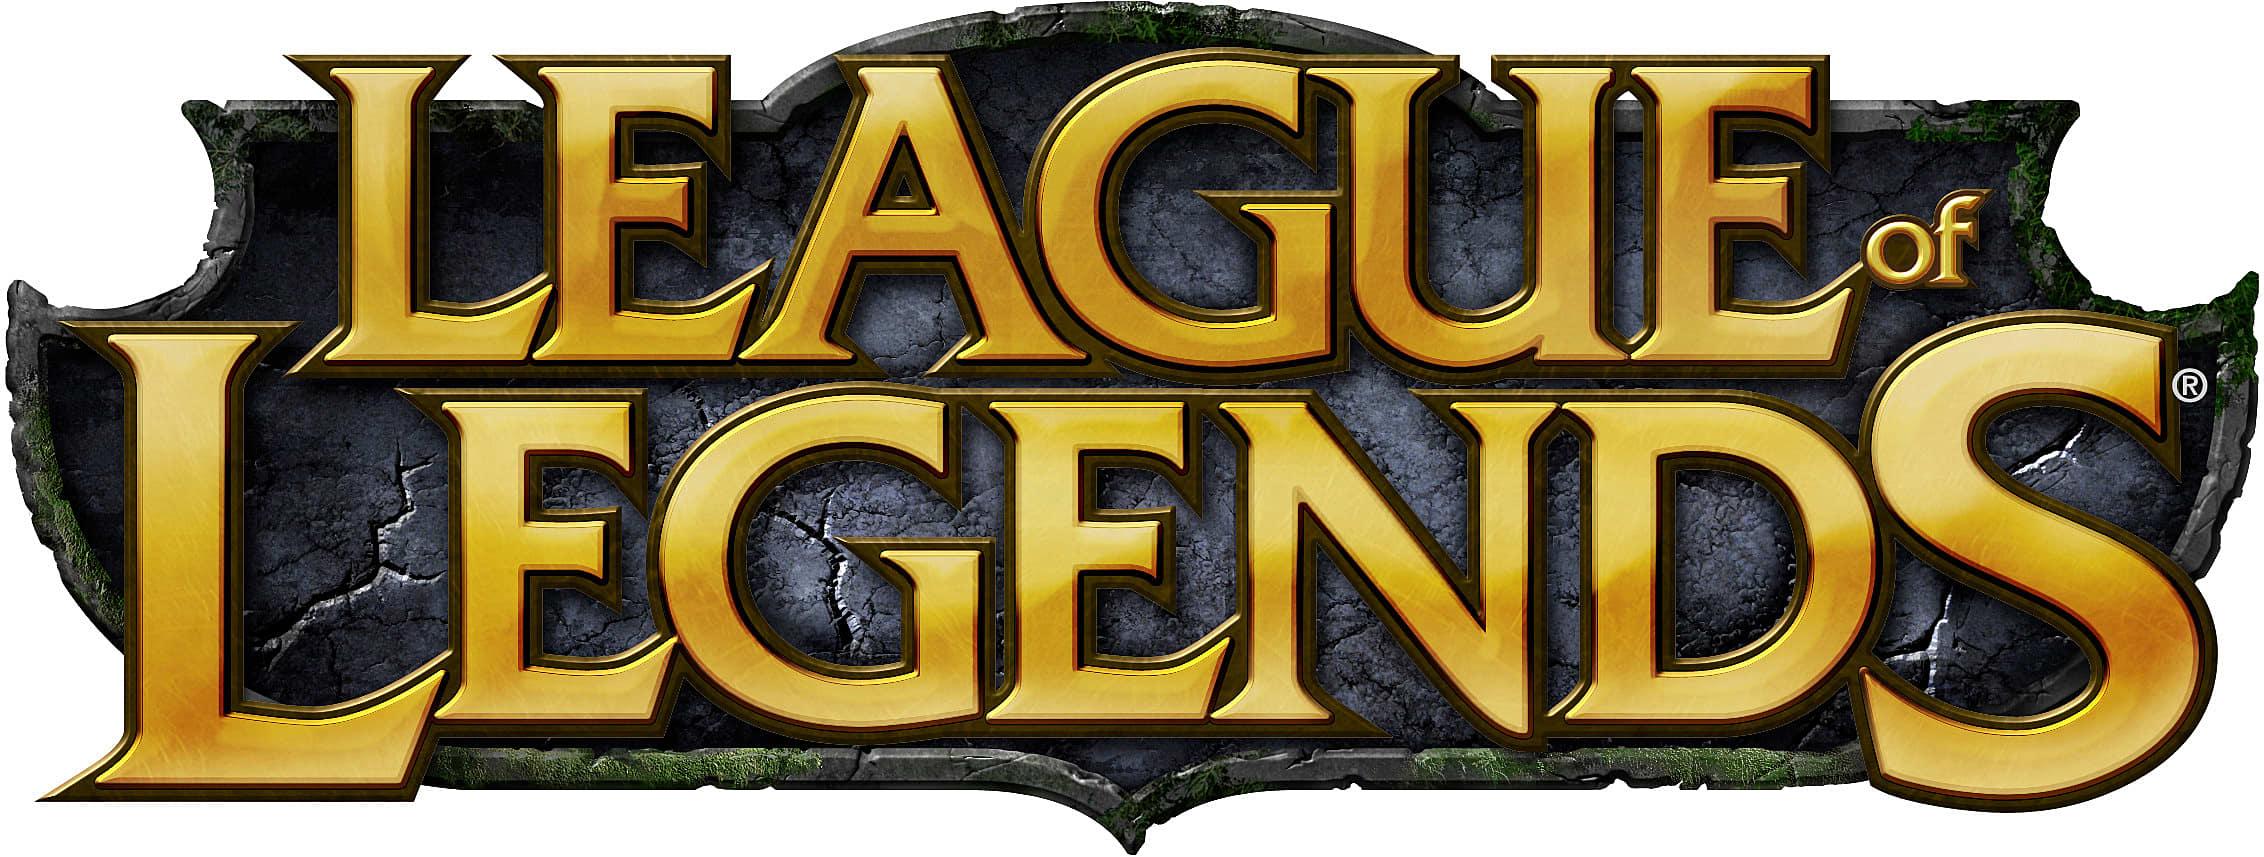 10 Top Sexiest League of Legends Skins | League of Legends